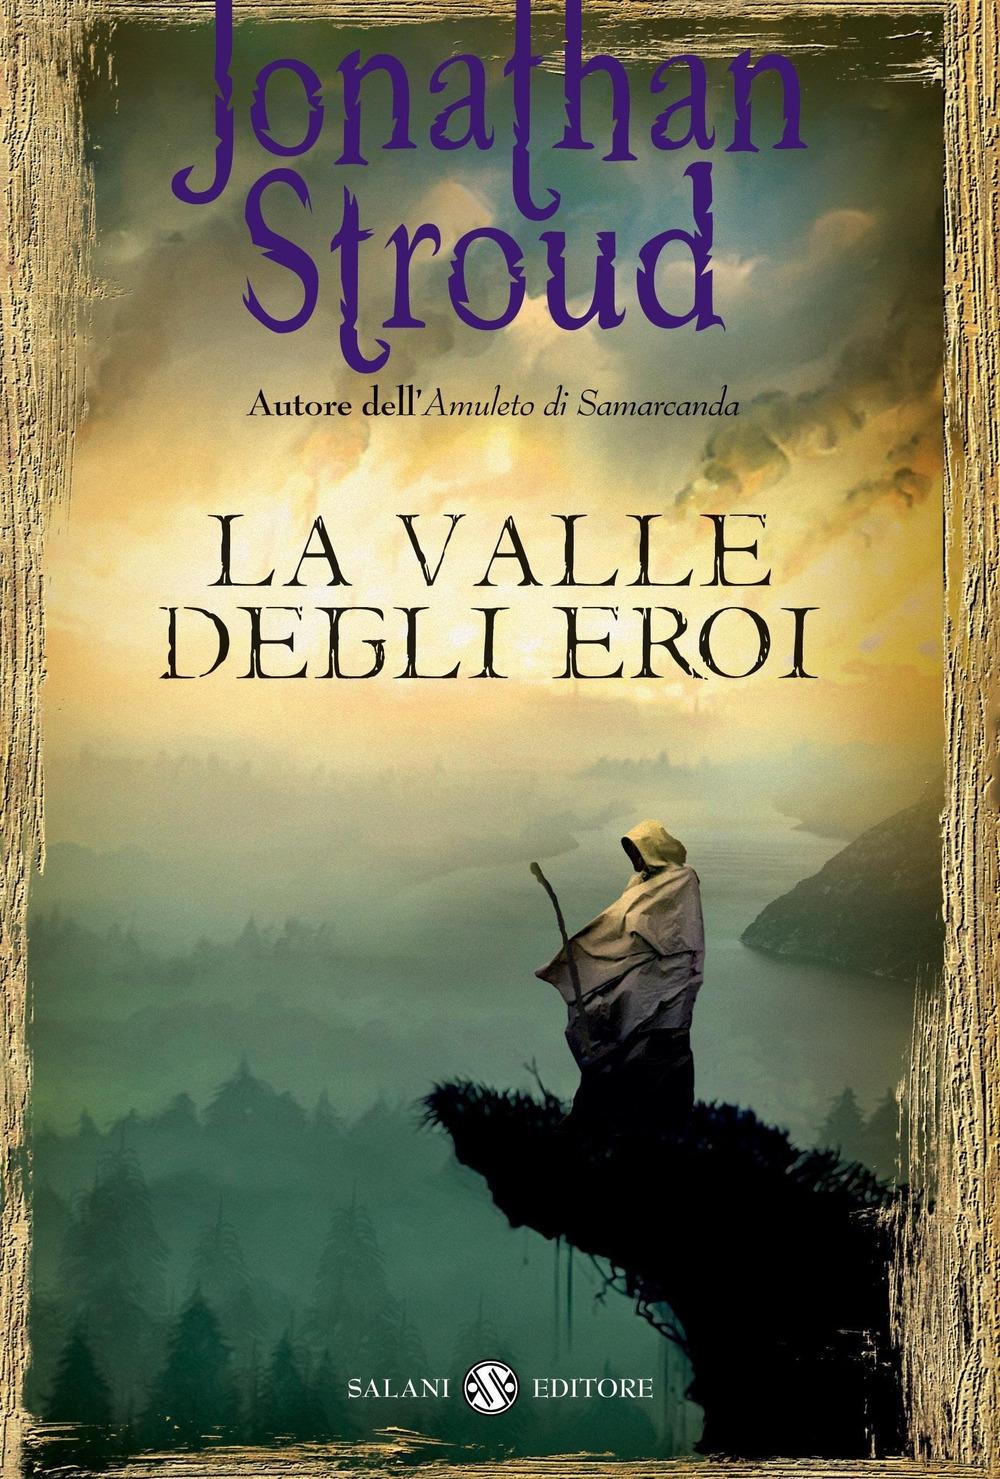 La valle degli eroi